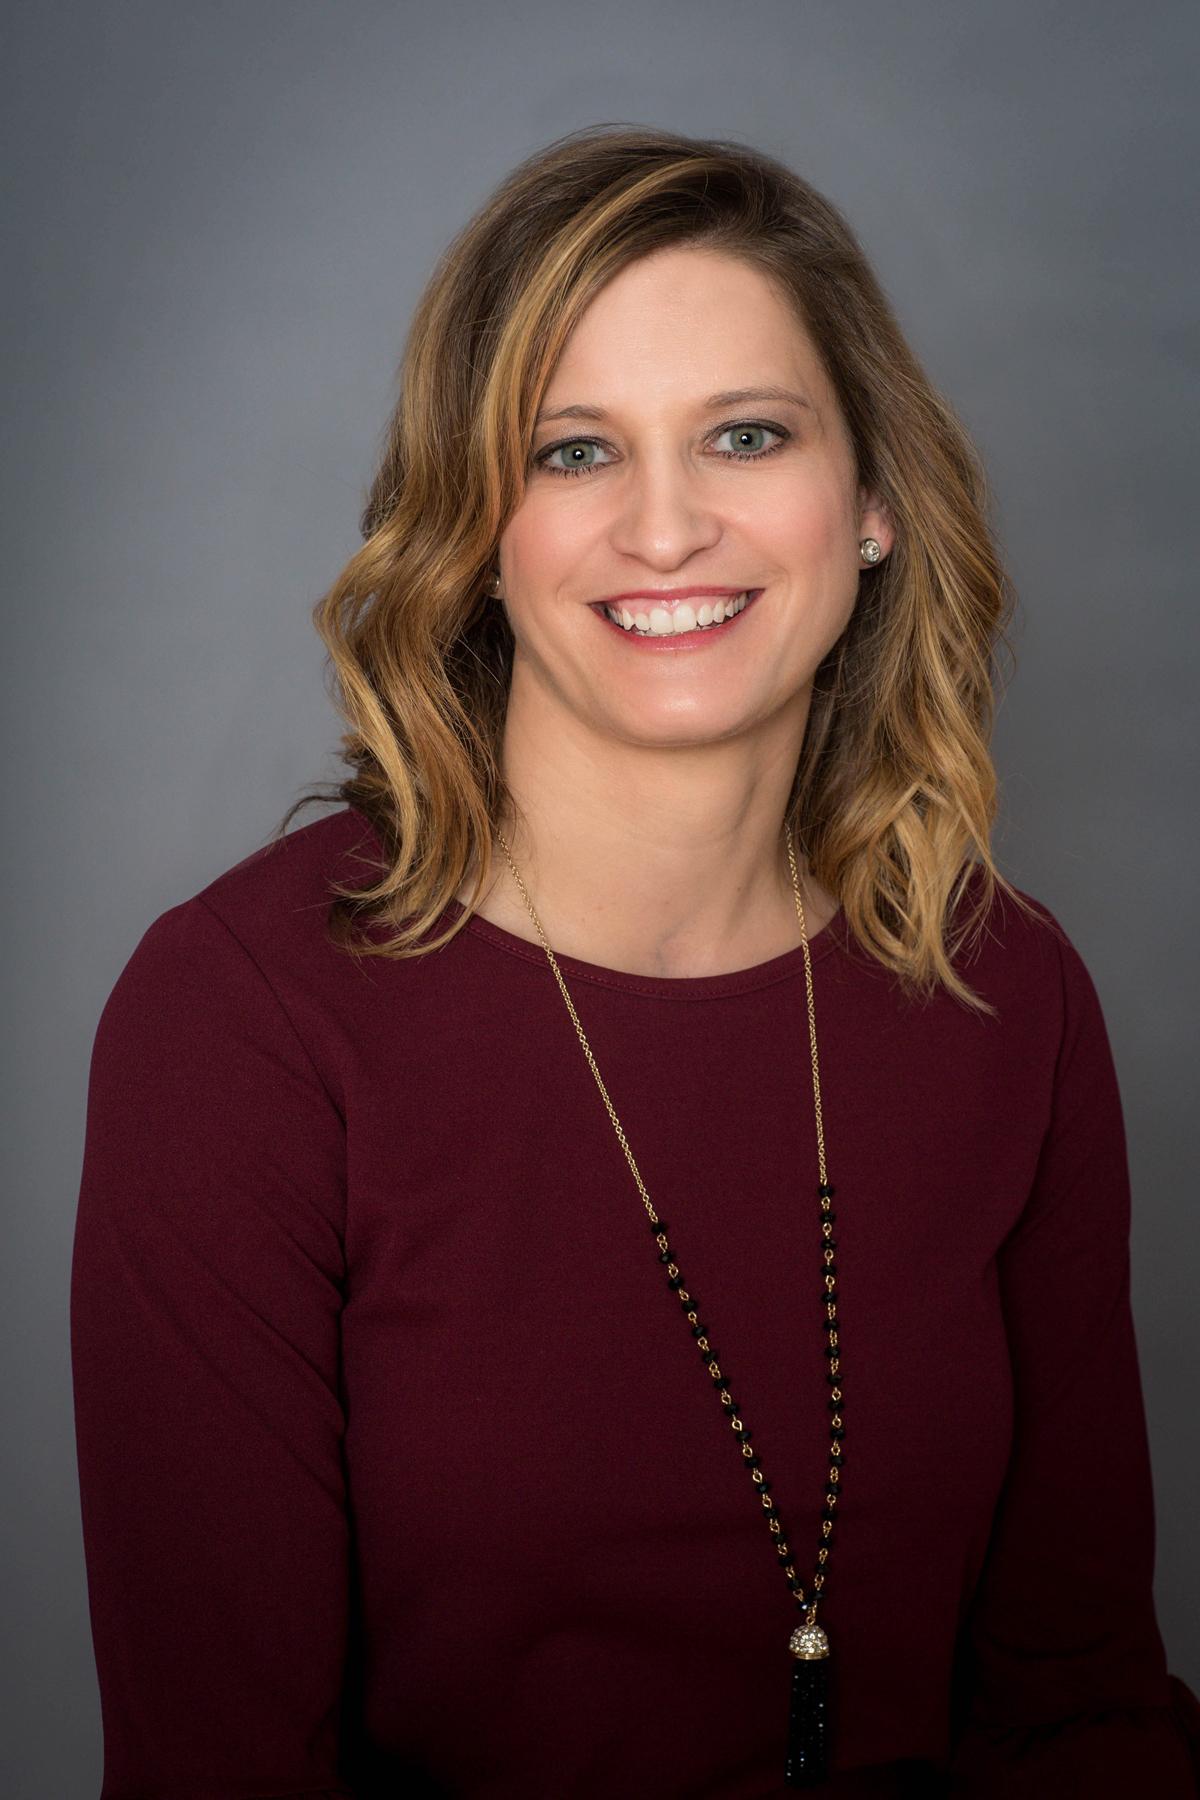 Sarah Fugleberg, Au.D. CCC-A